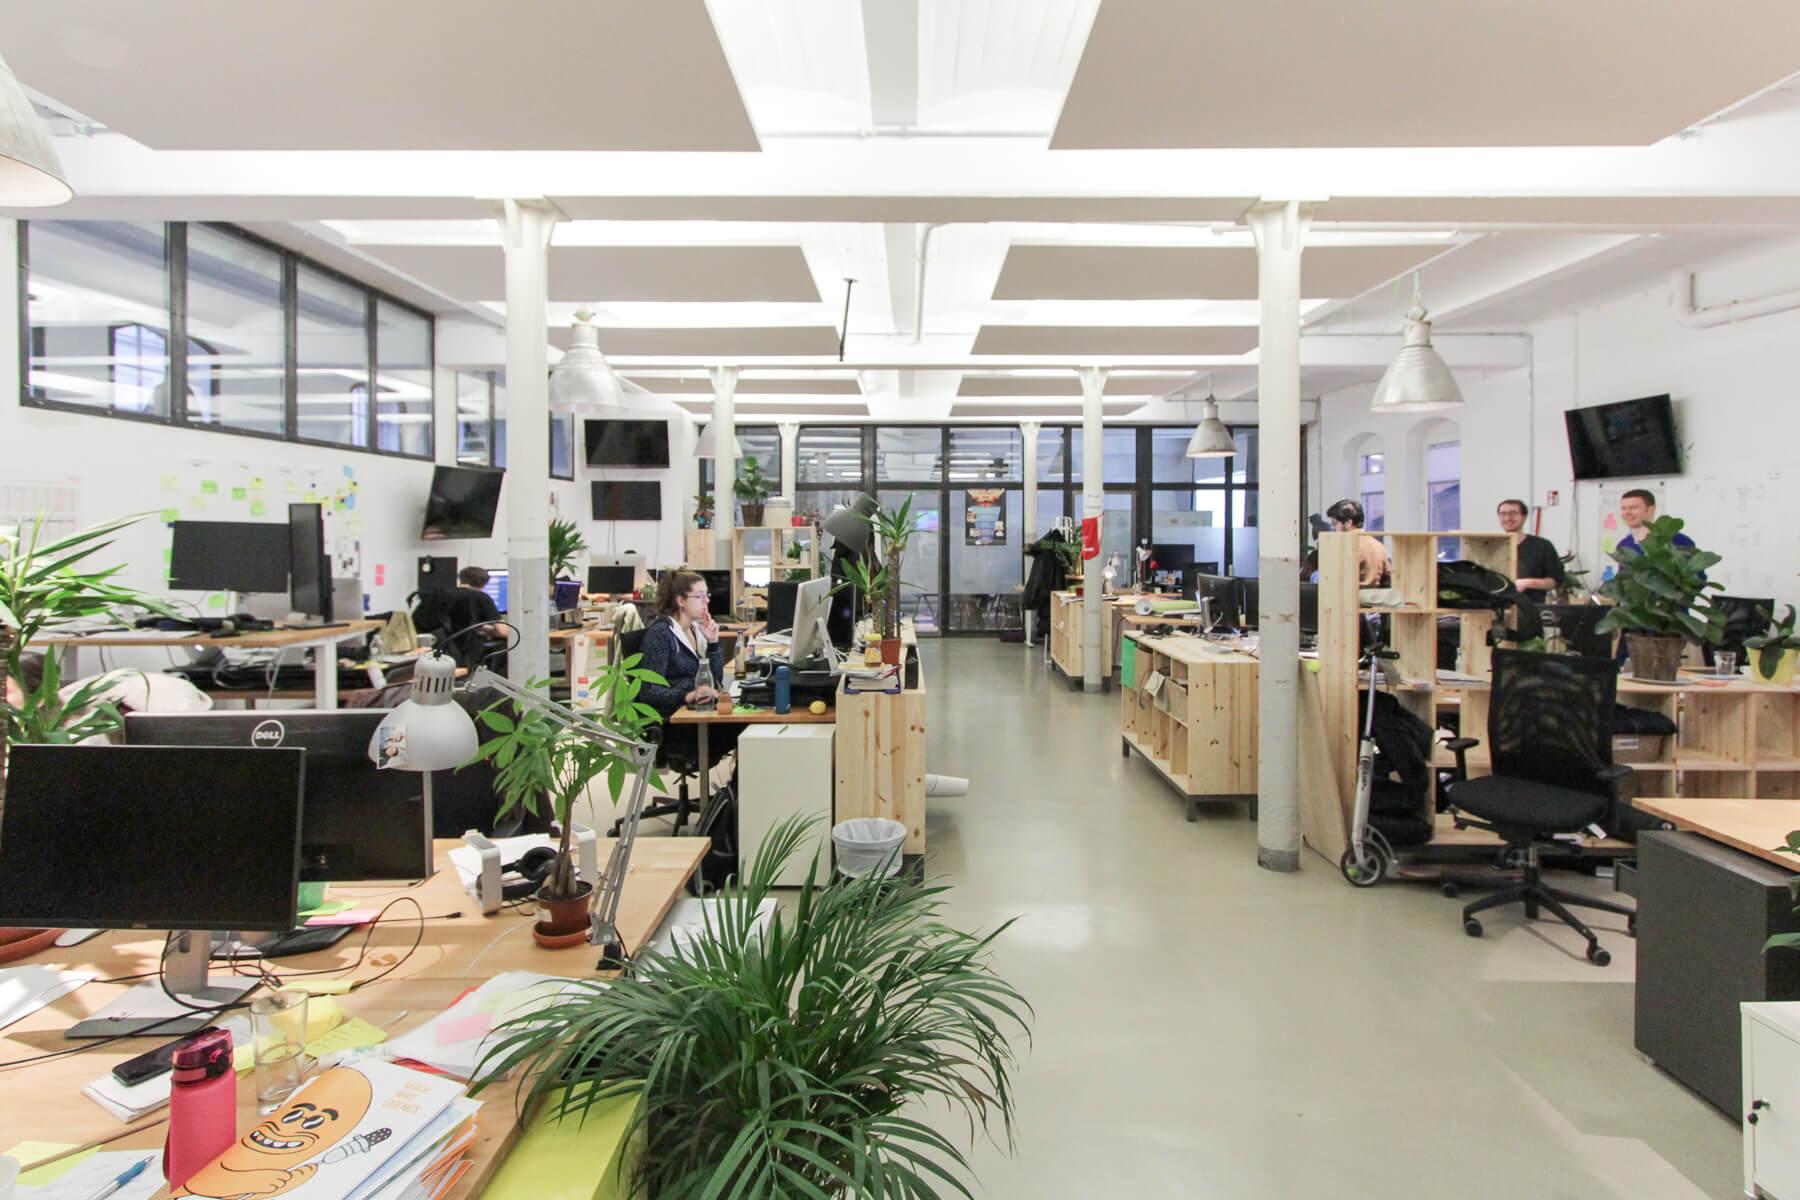 Ingo Ellerbusch - Jimdo - Office Space soweit das Auge reicht. Bei Jimdo in Hamburg arbeiten viele Menschen!